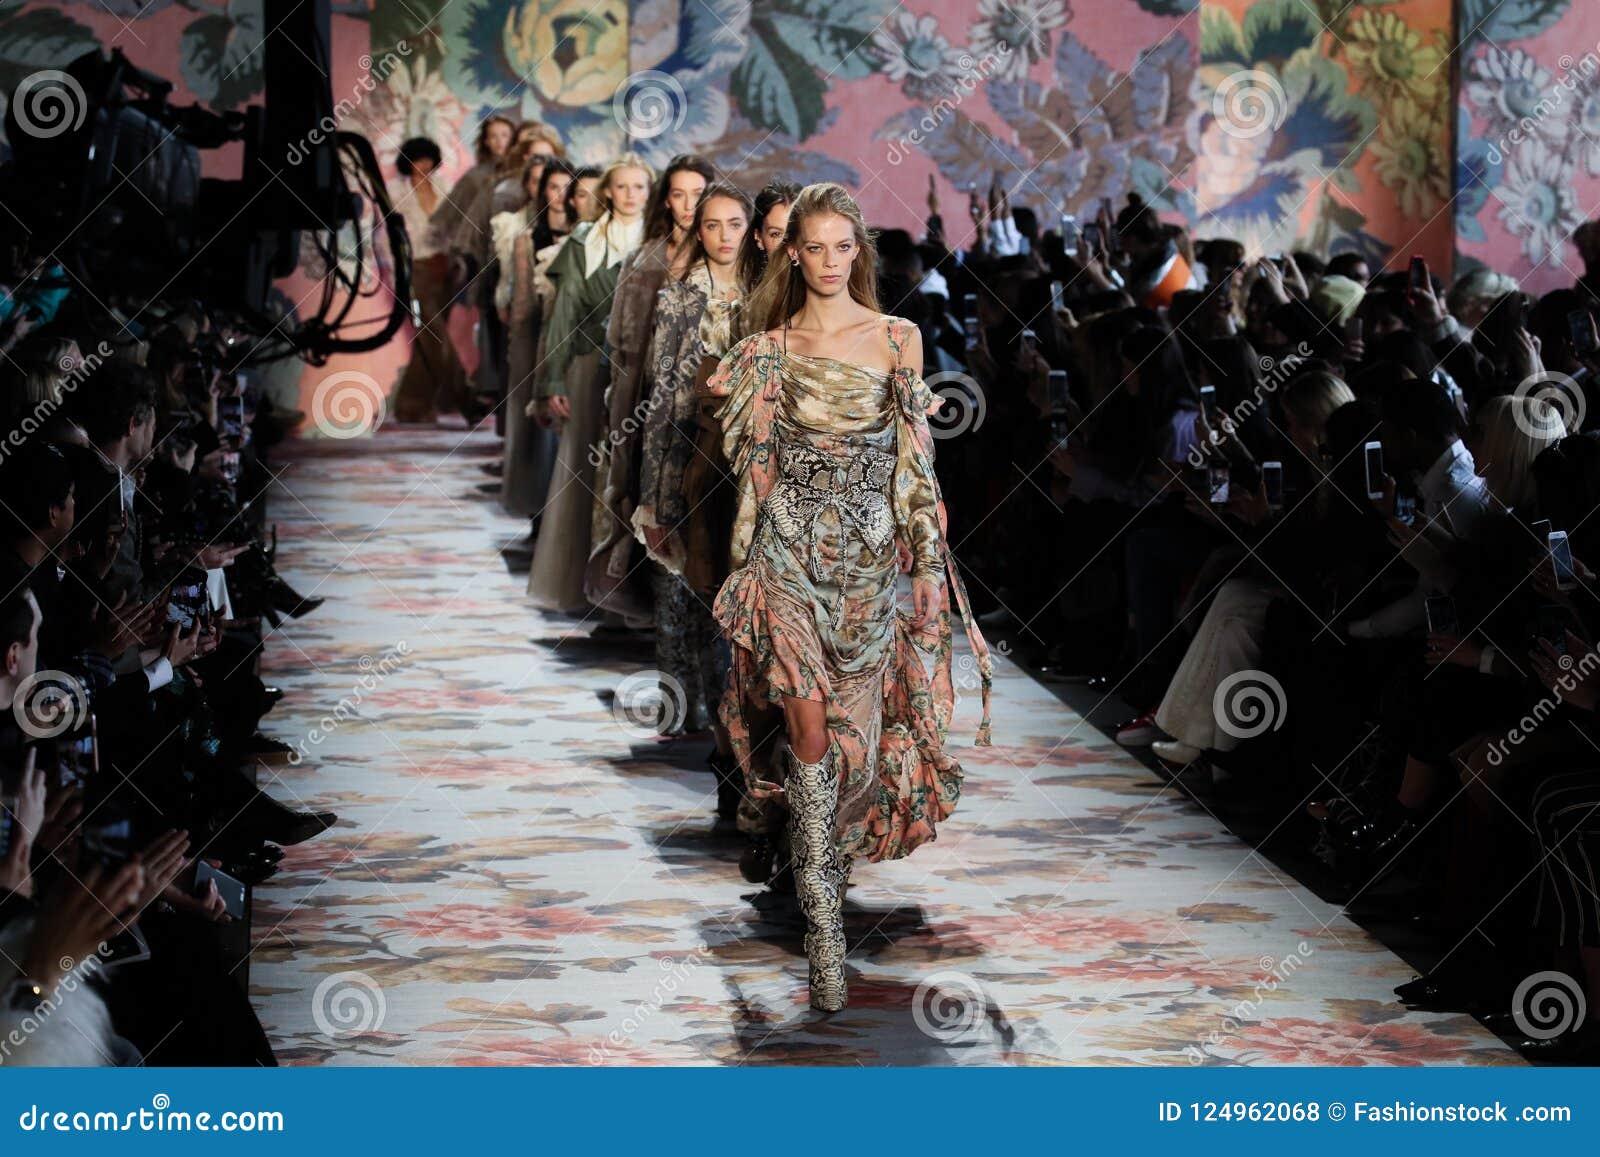 Promenade de modèles la finale de piste pour Zimmermann pendant la semaine de mode de New York